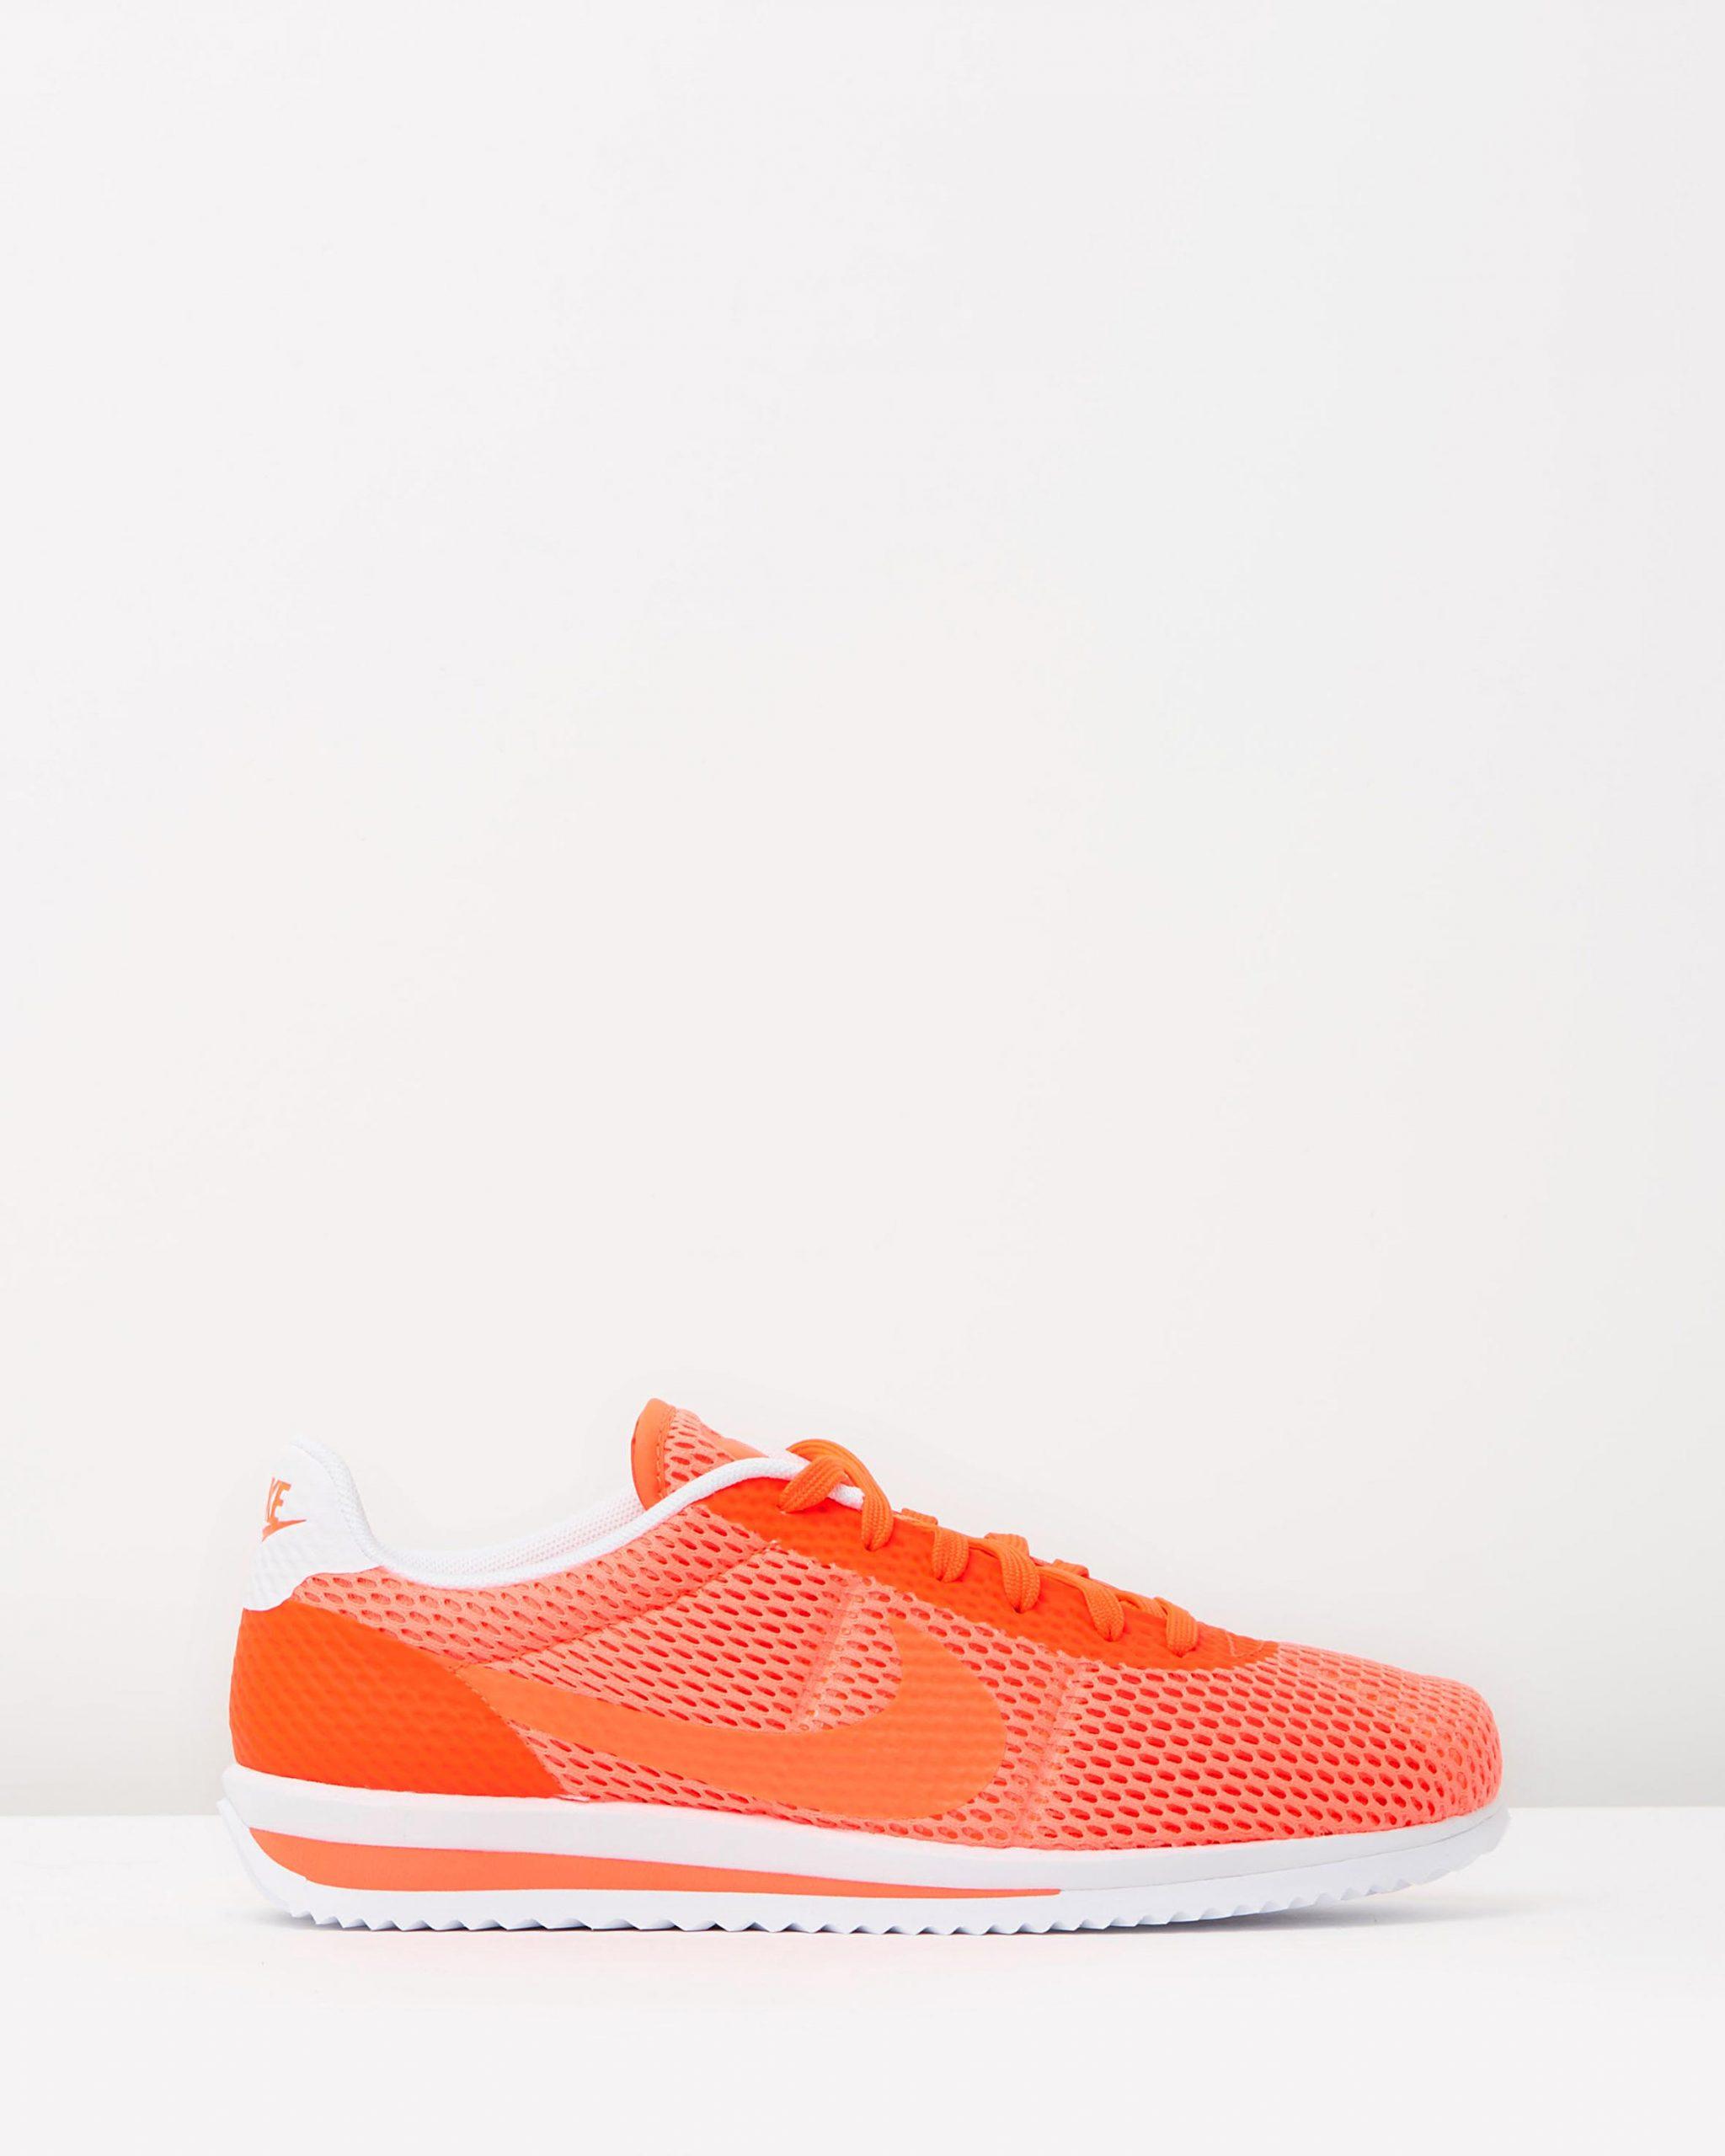 Nike Cortez Ultra BR Total Crimson & White